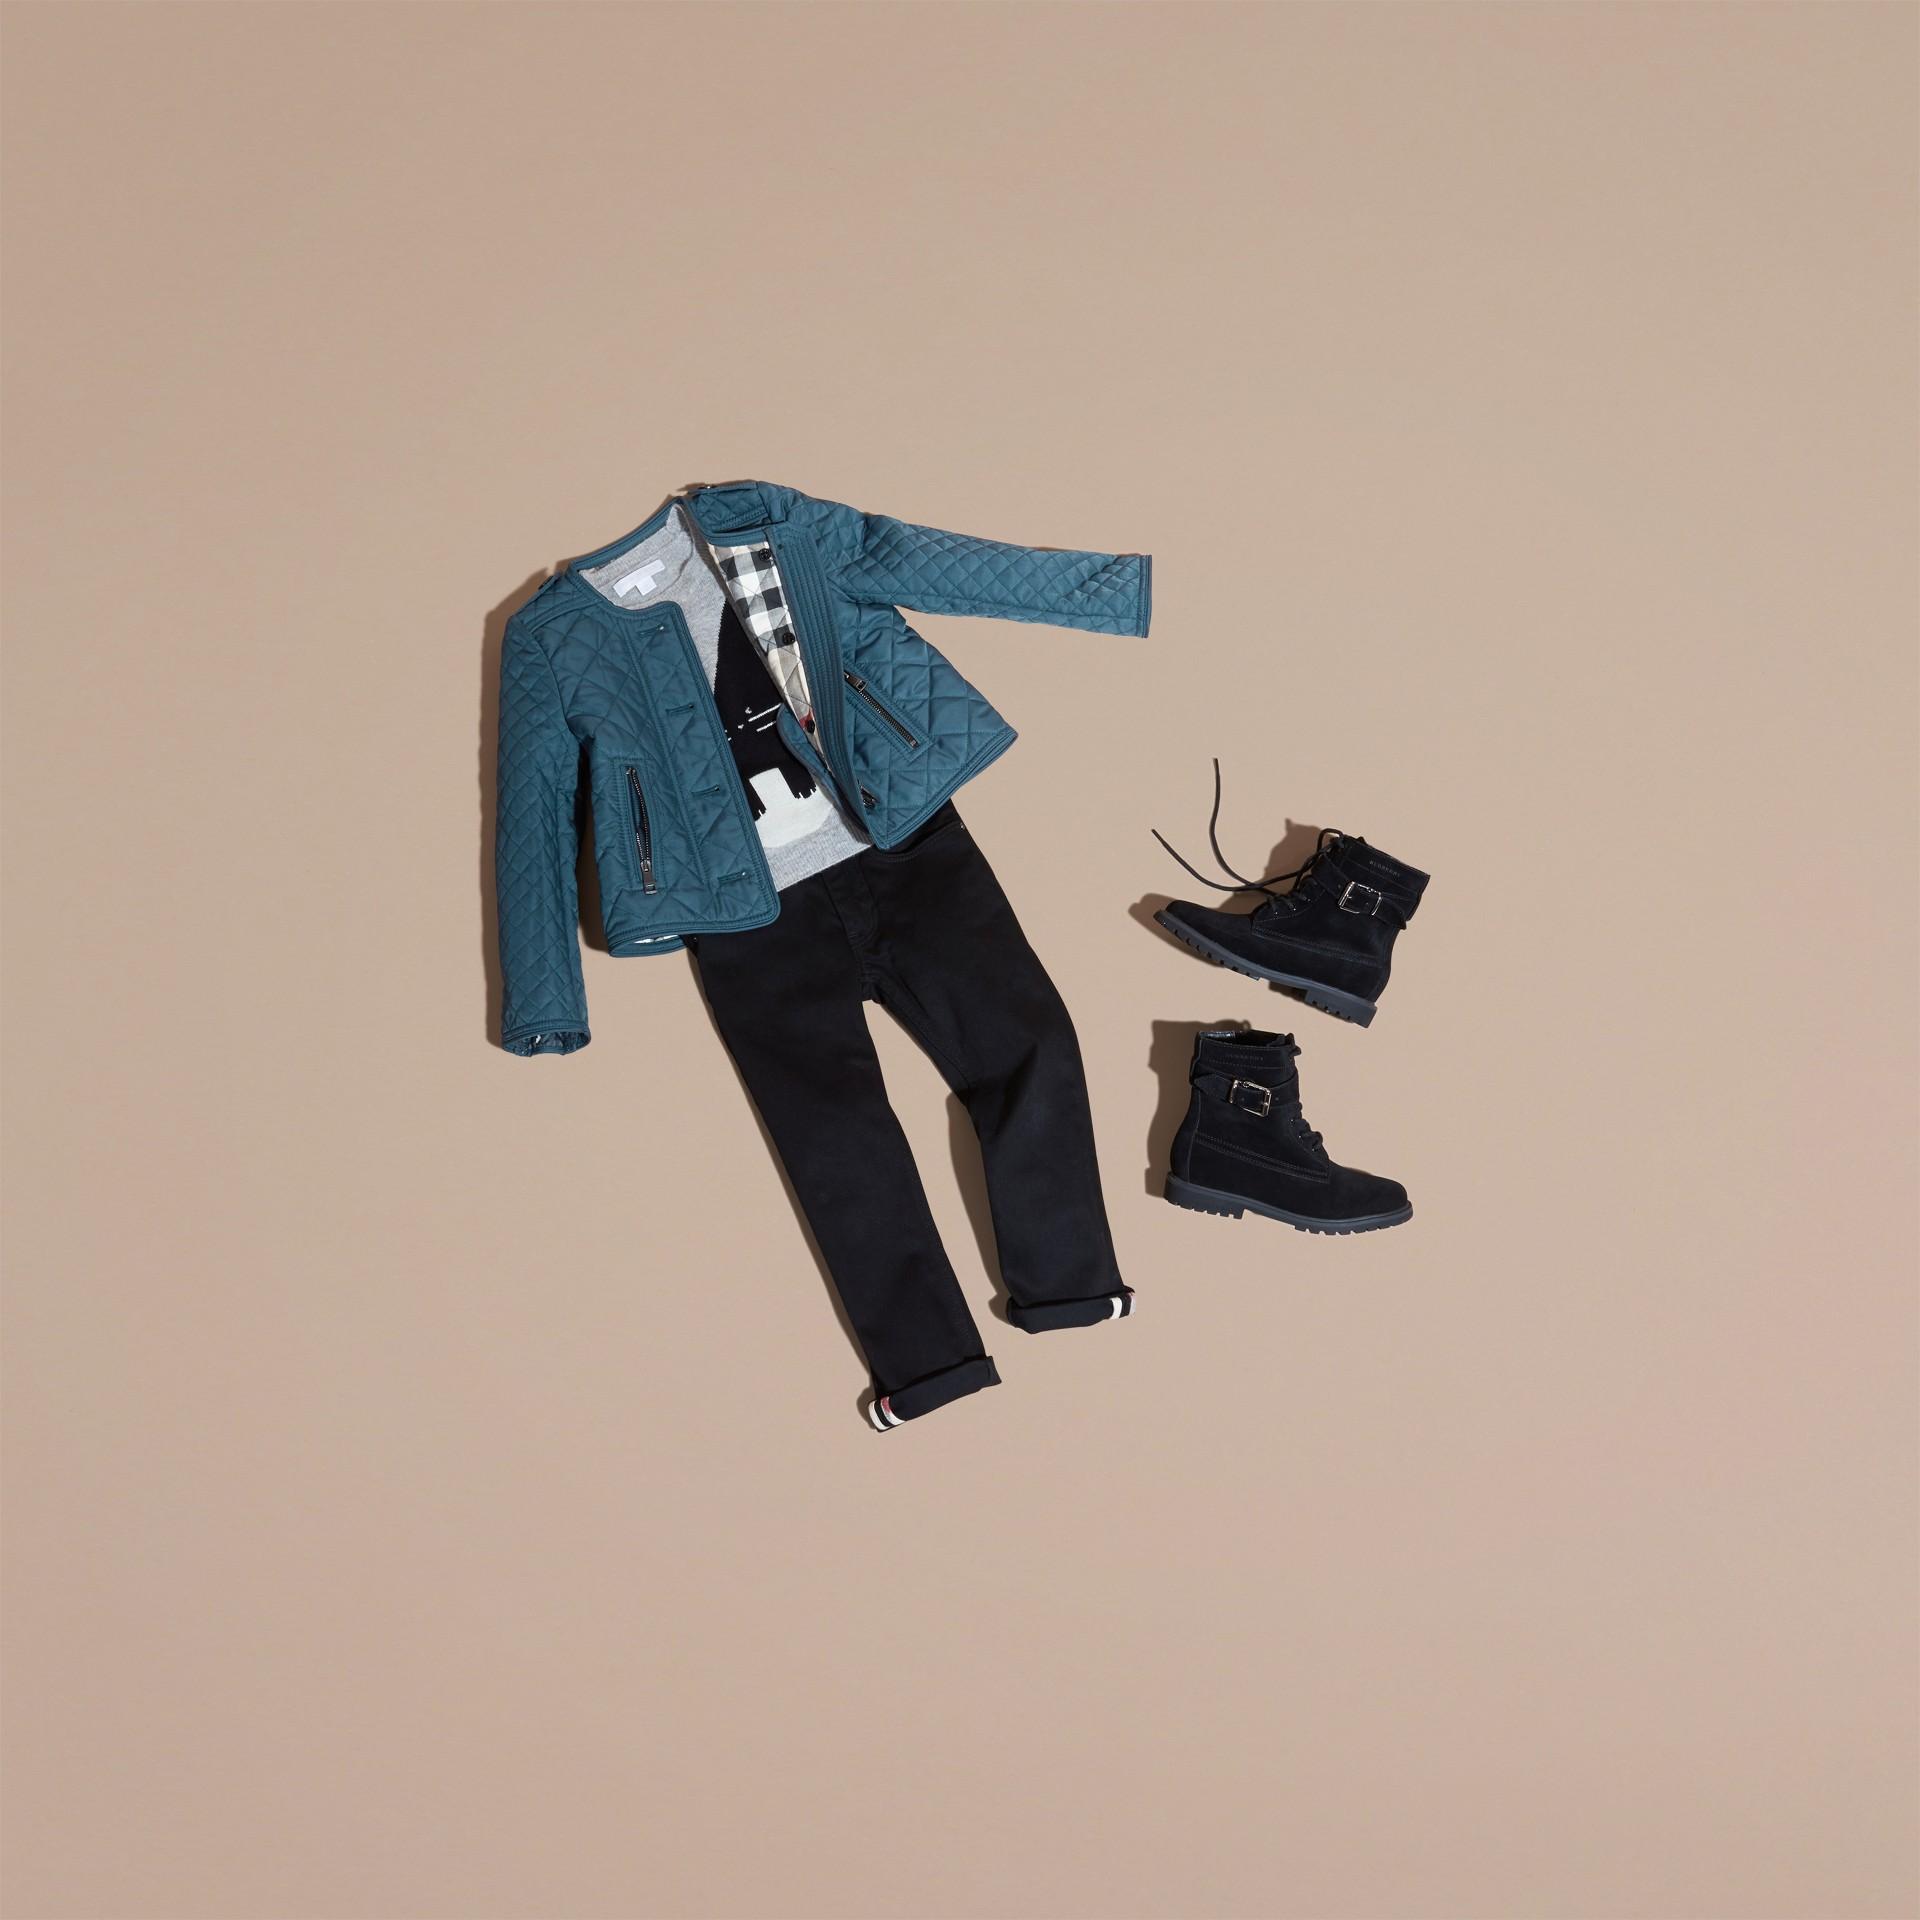 淡靛青 無領菱形絎縫外套 淡靛青 - 圖庫照片 5